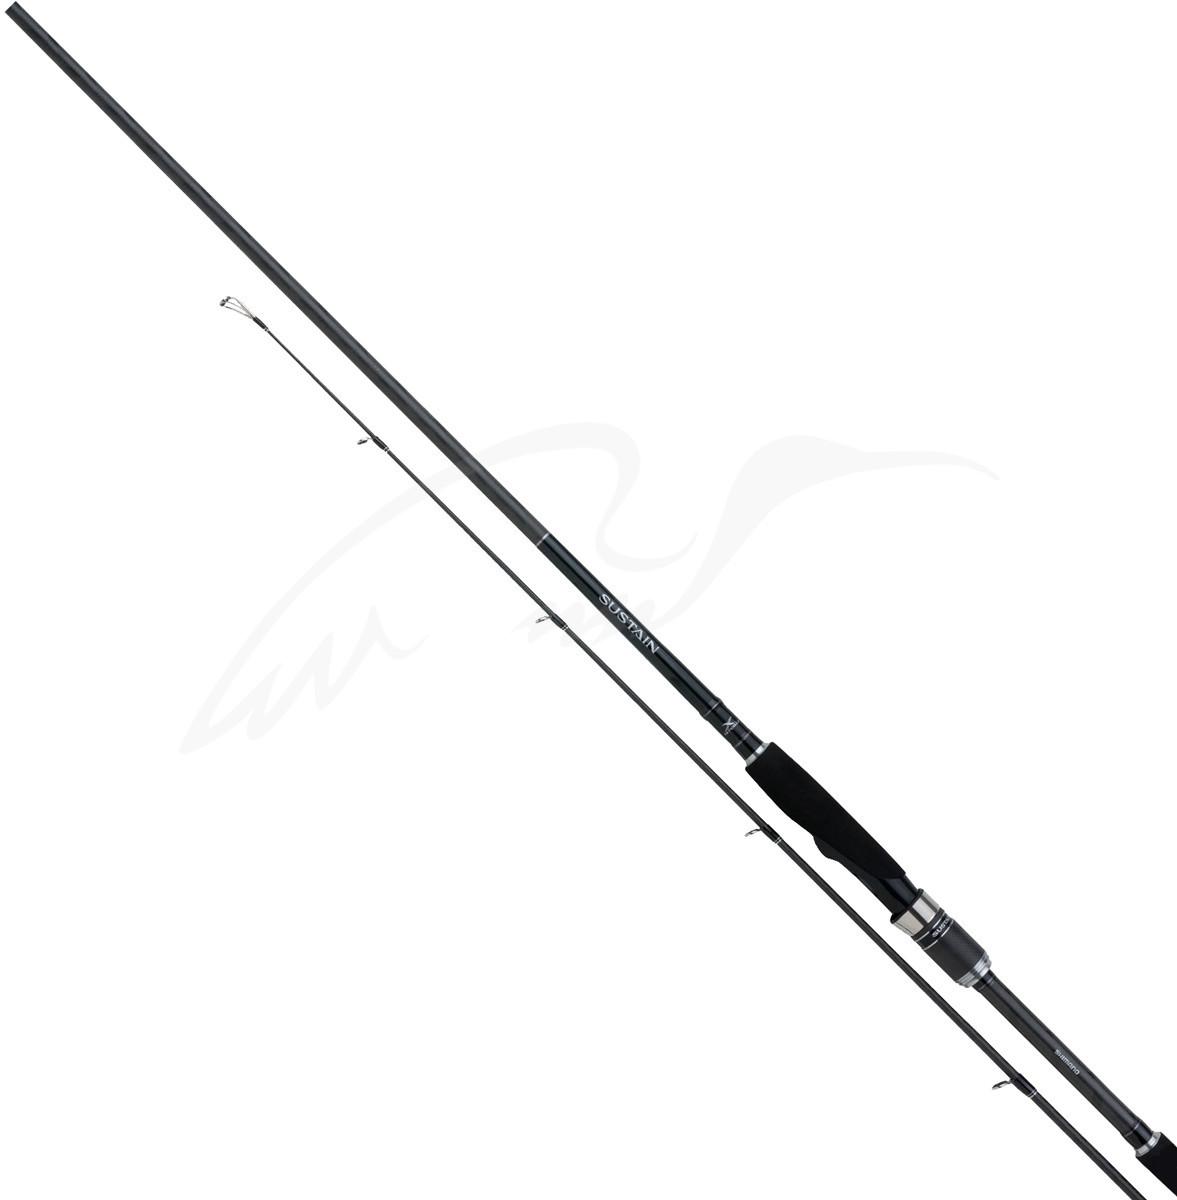 Спиннинг Shimano Sustain AX Spinning 810M 2.69m 7-35g